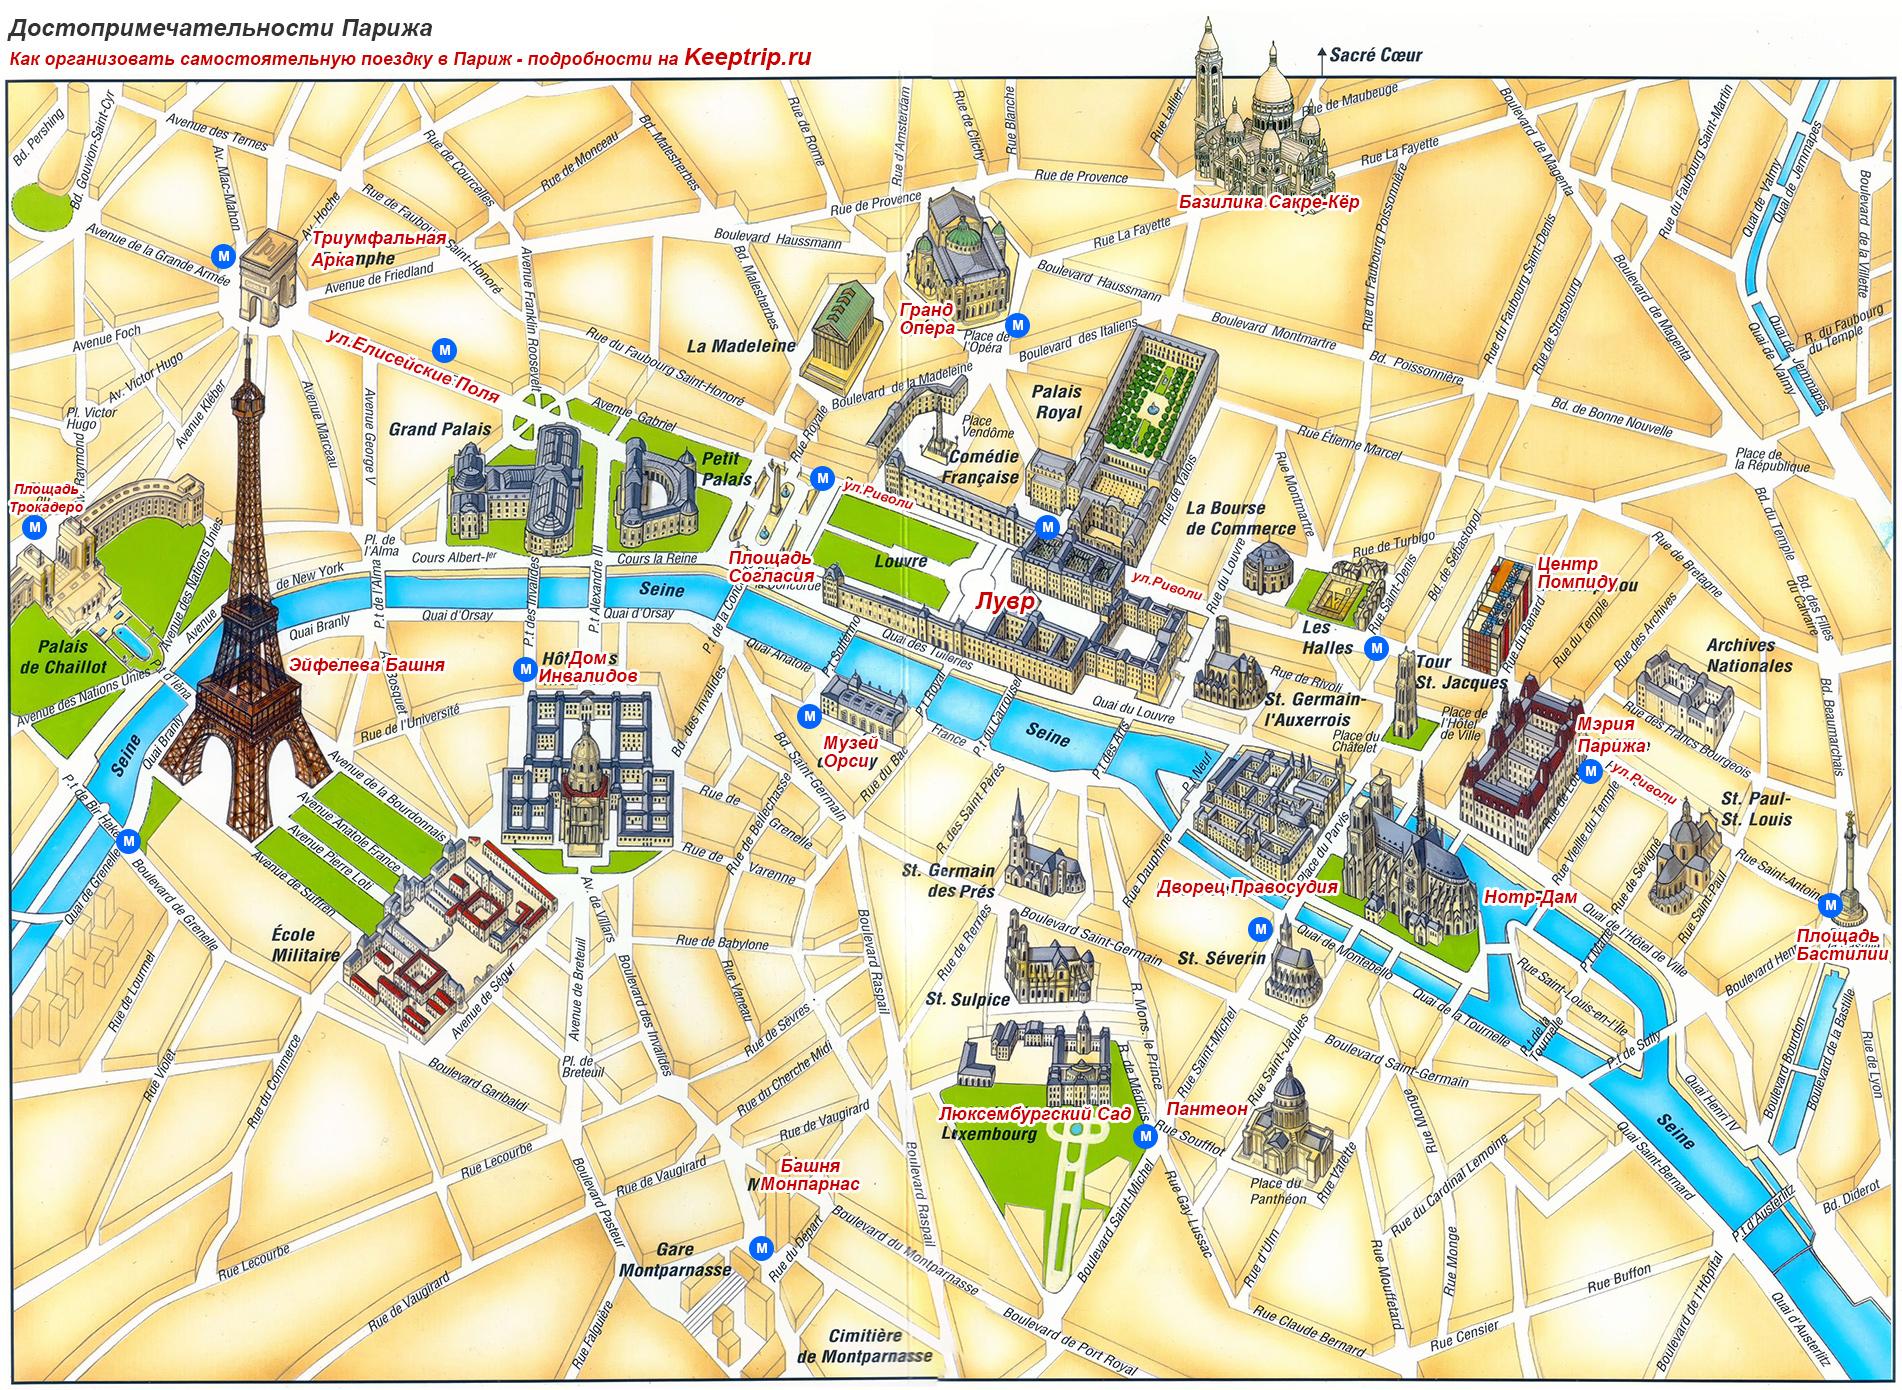 Карта достопримечательностей Парижа.